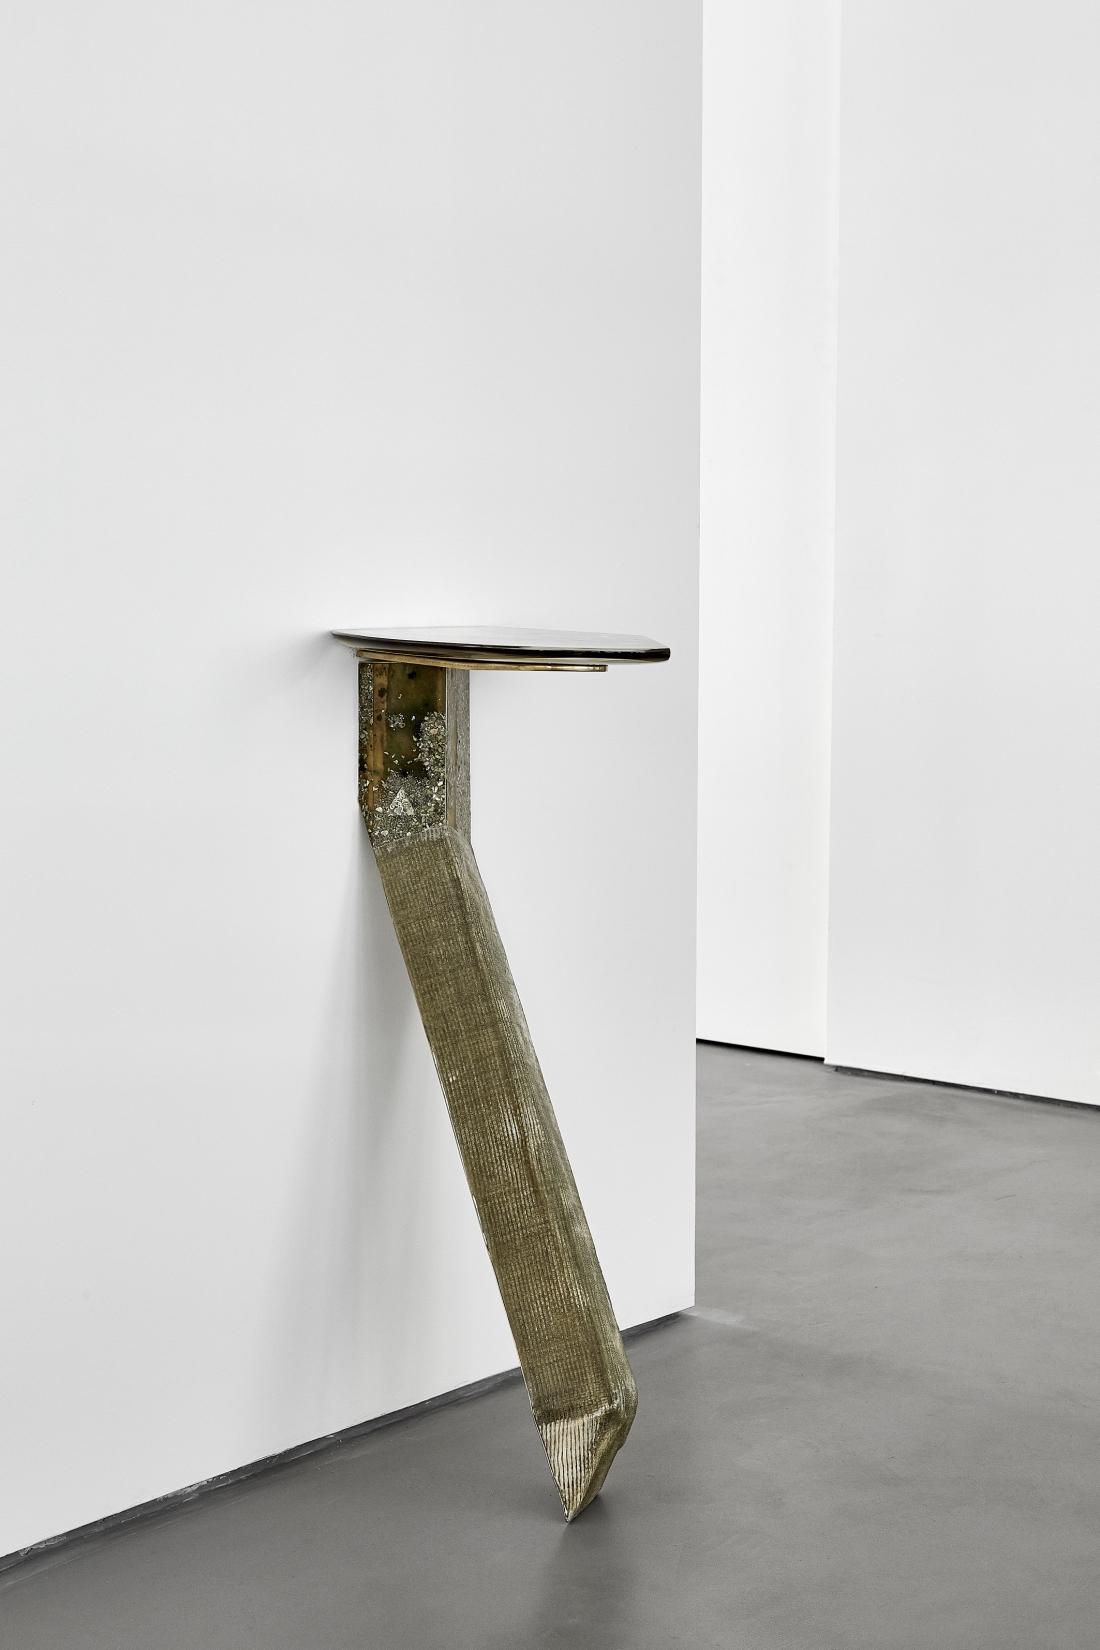 Courtesy Vincenzo de Cotiis Gallery